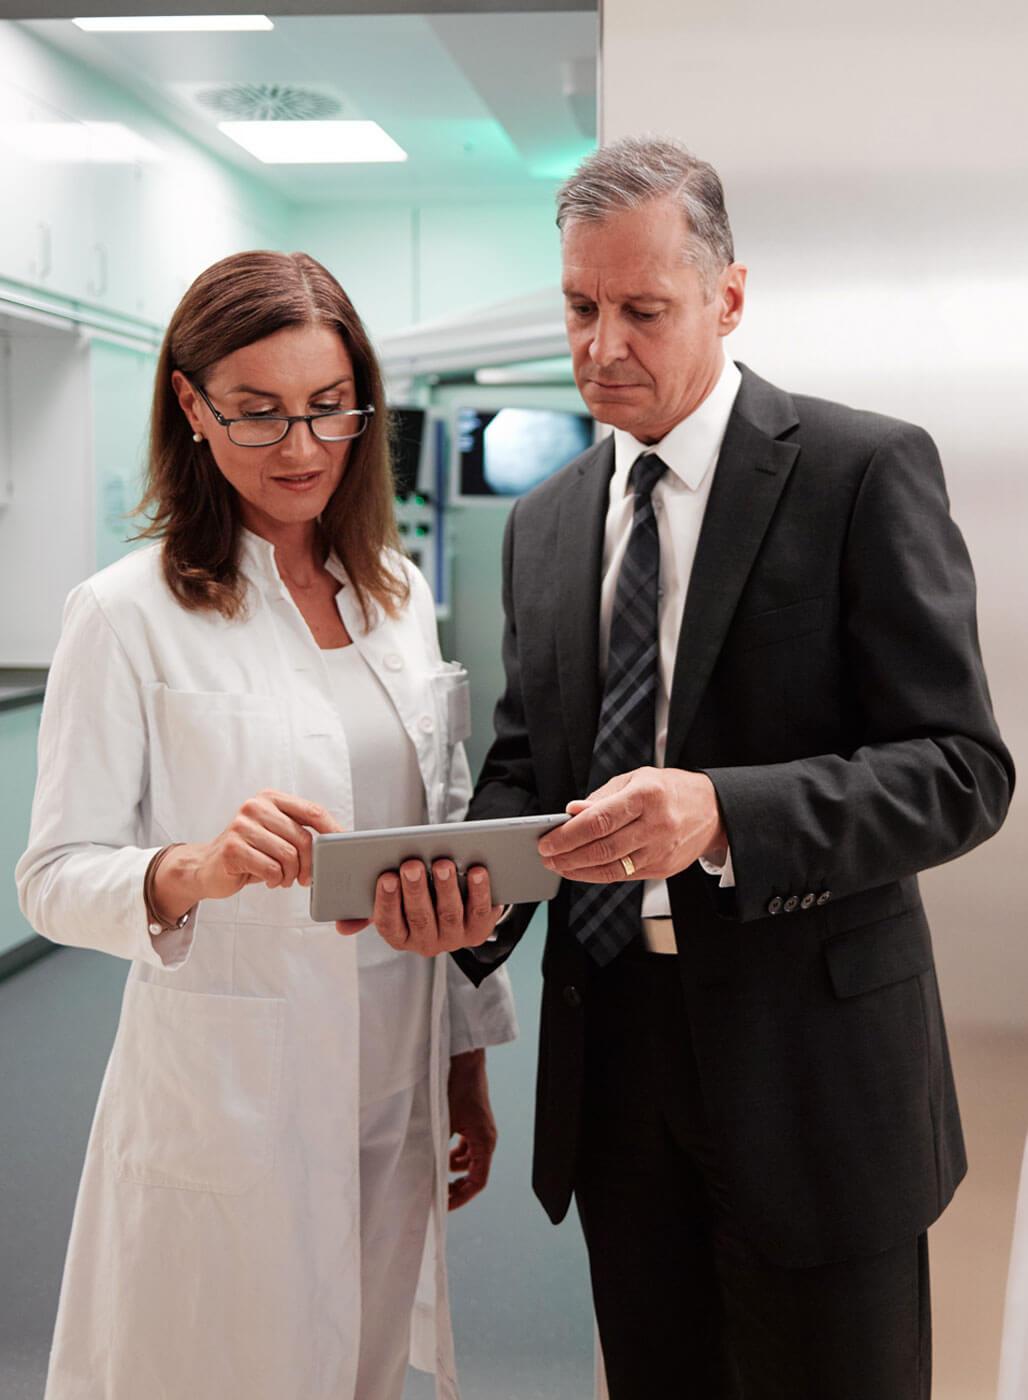 Ärztin im Gespräch mit Chef der Krankenhausverwaltung